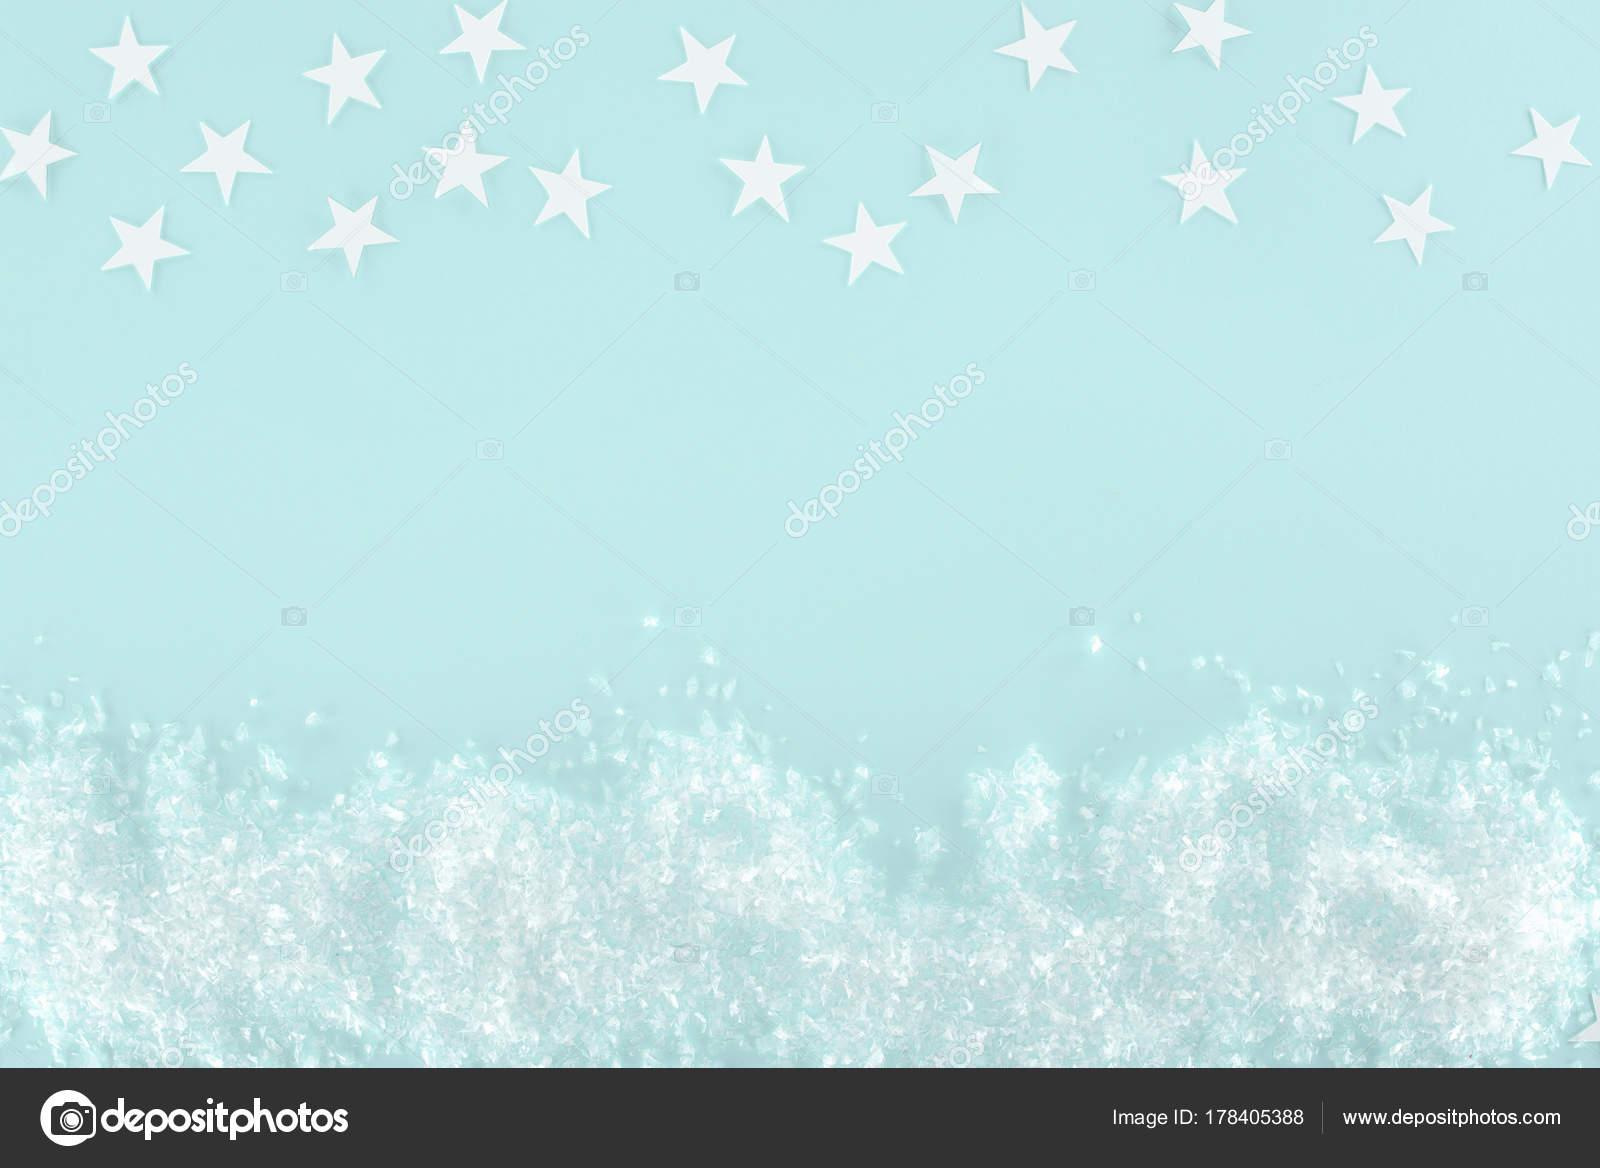 Fondo Navidad Con Nieve Decorativa Estrellas Aislados Azul Claro